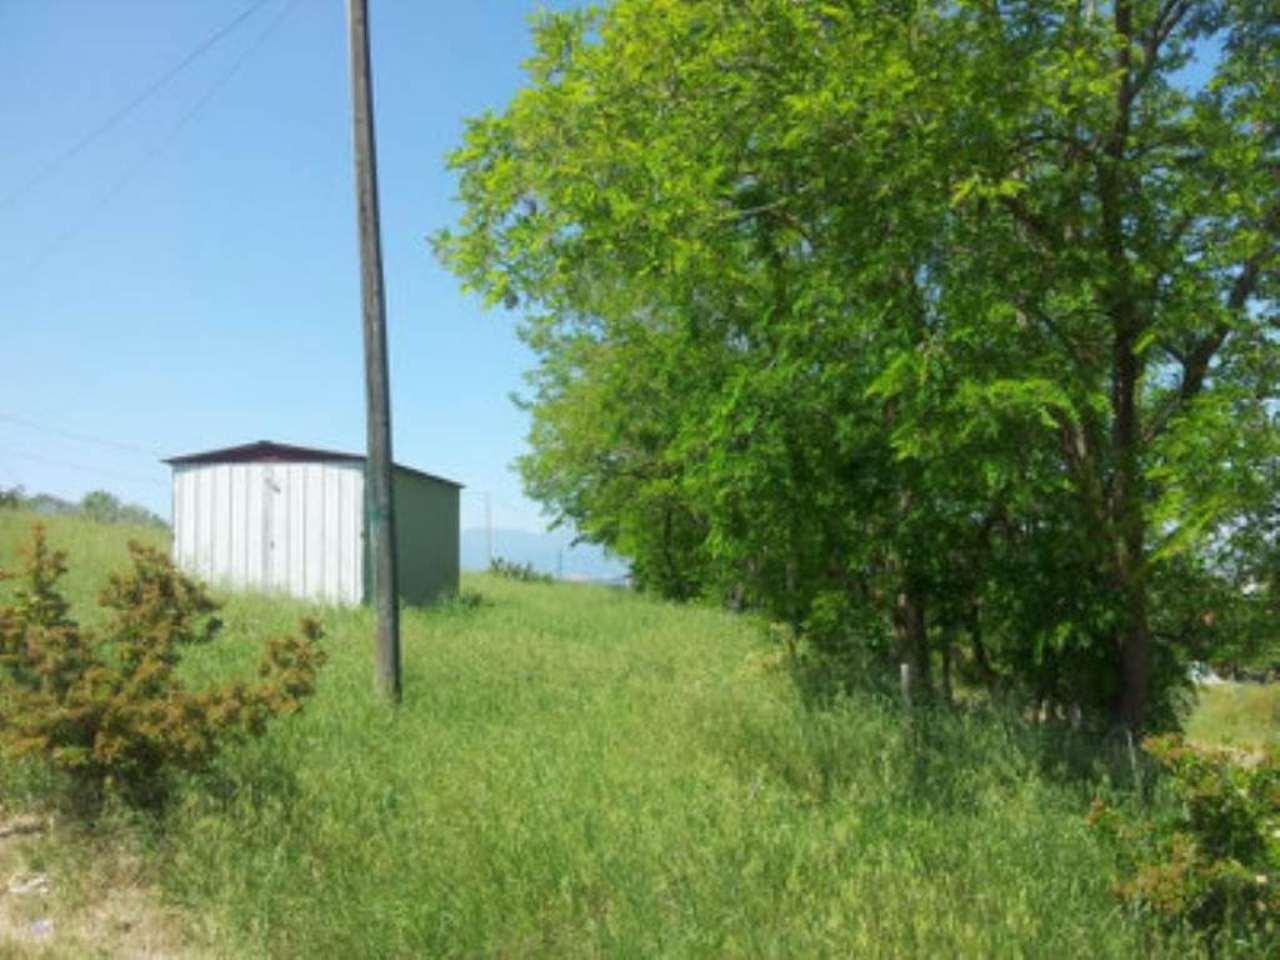 Terreno Edificabile Residenziale in vendita a Montesilvano, 9999 locali, prezzo € 225.000 | Cambio Casa.it